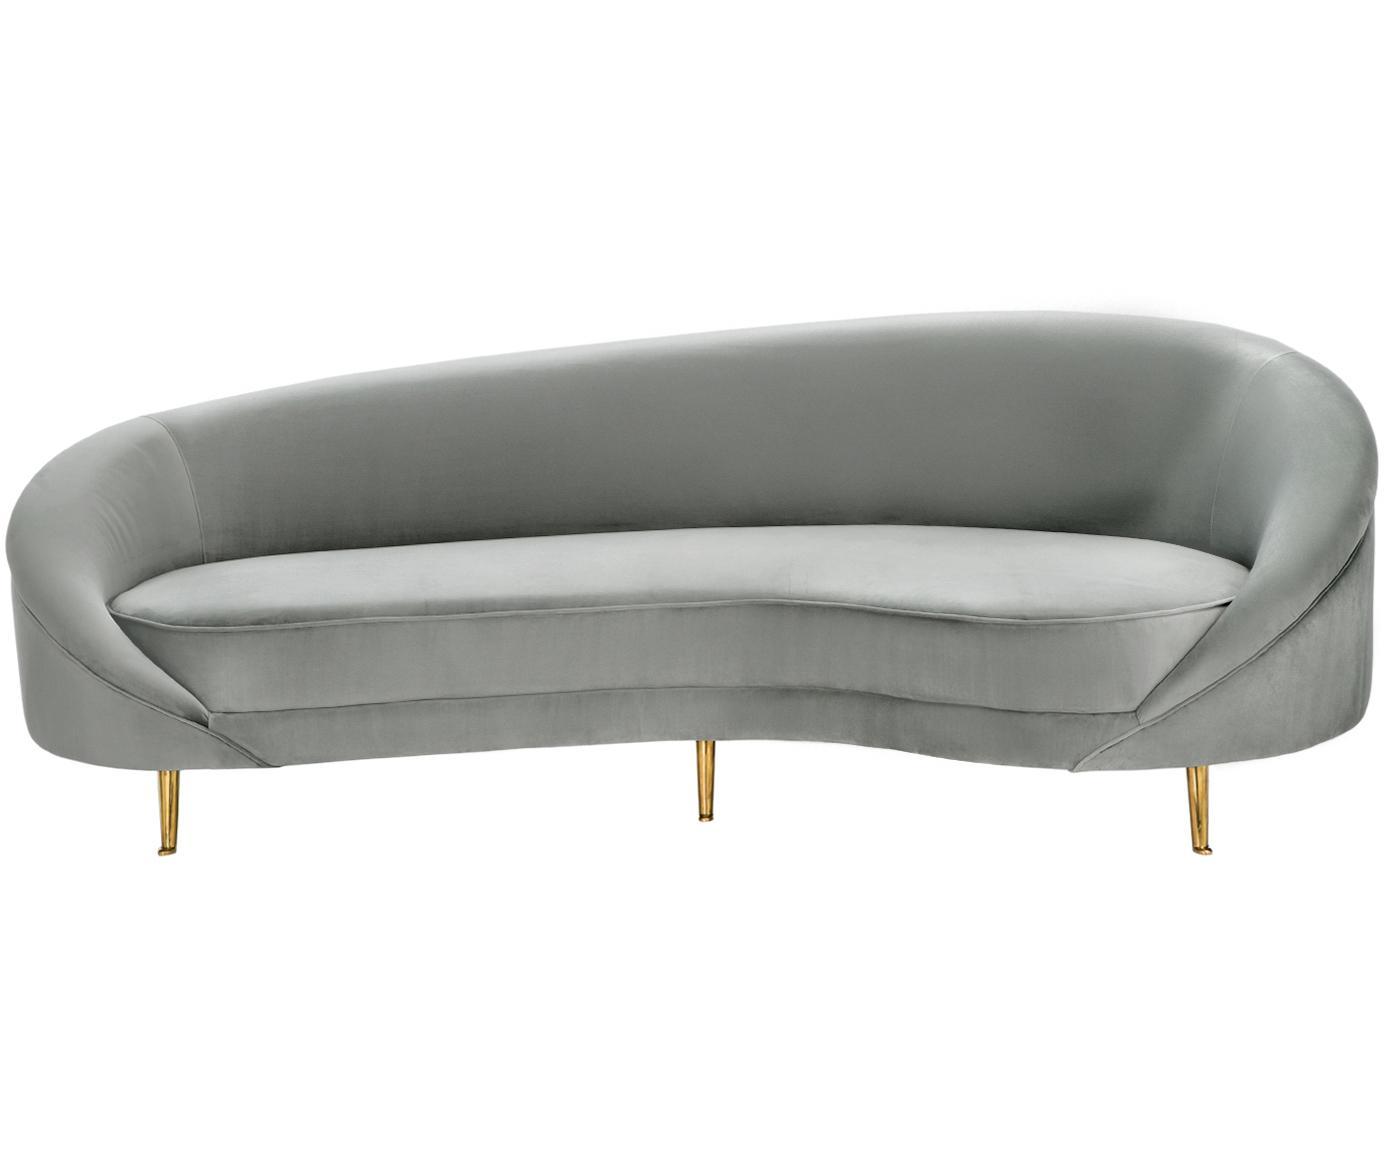 Sofá de terciopelo con forma de riñón Gatsby (3plazas), Tapizado: terciopelo (poliéster) 25, Estructura: madera de eucalipto maciz, Patas: metal, galvanizado, Tapizado: gris Patas: dorado, brillante, An 245 x F 102 cm